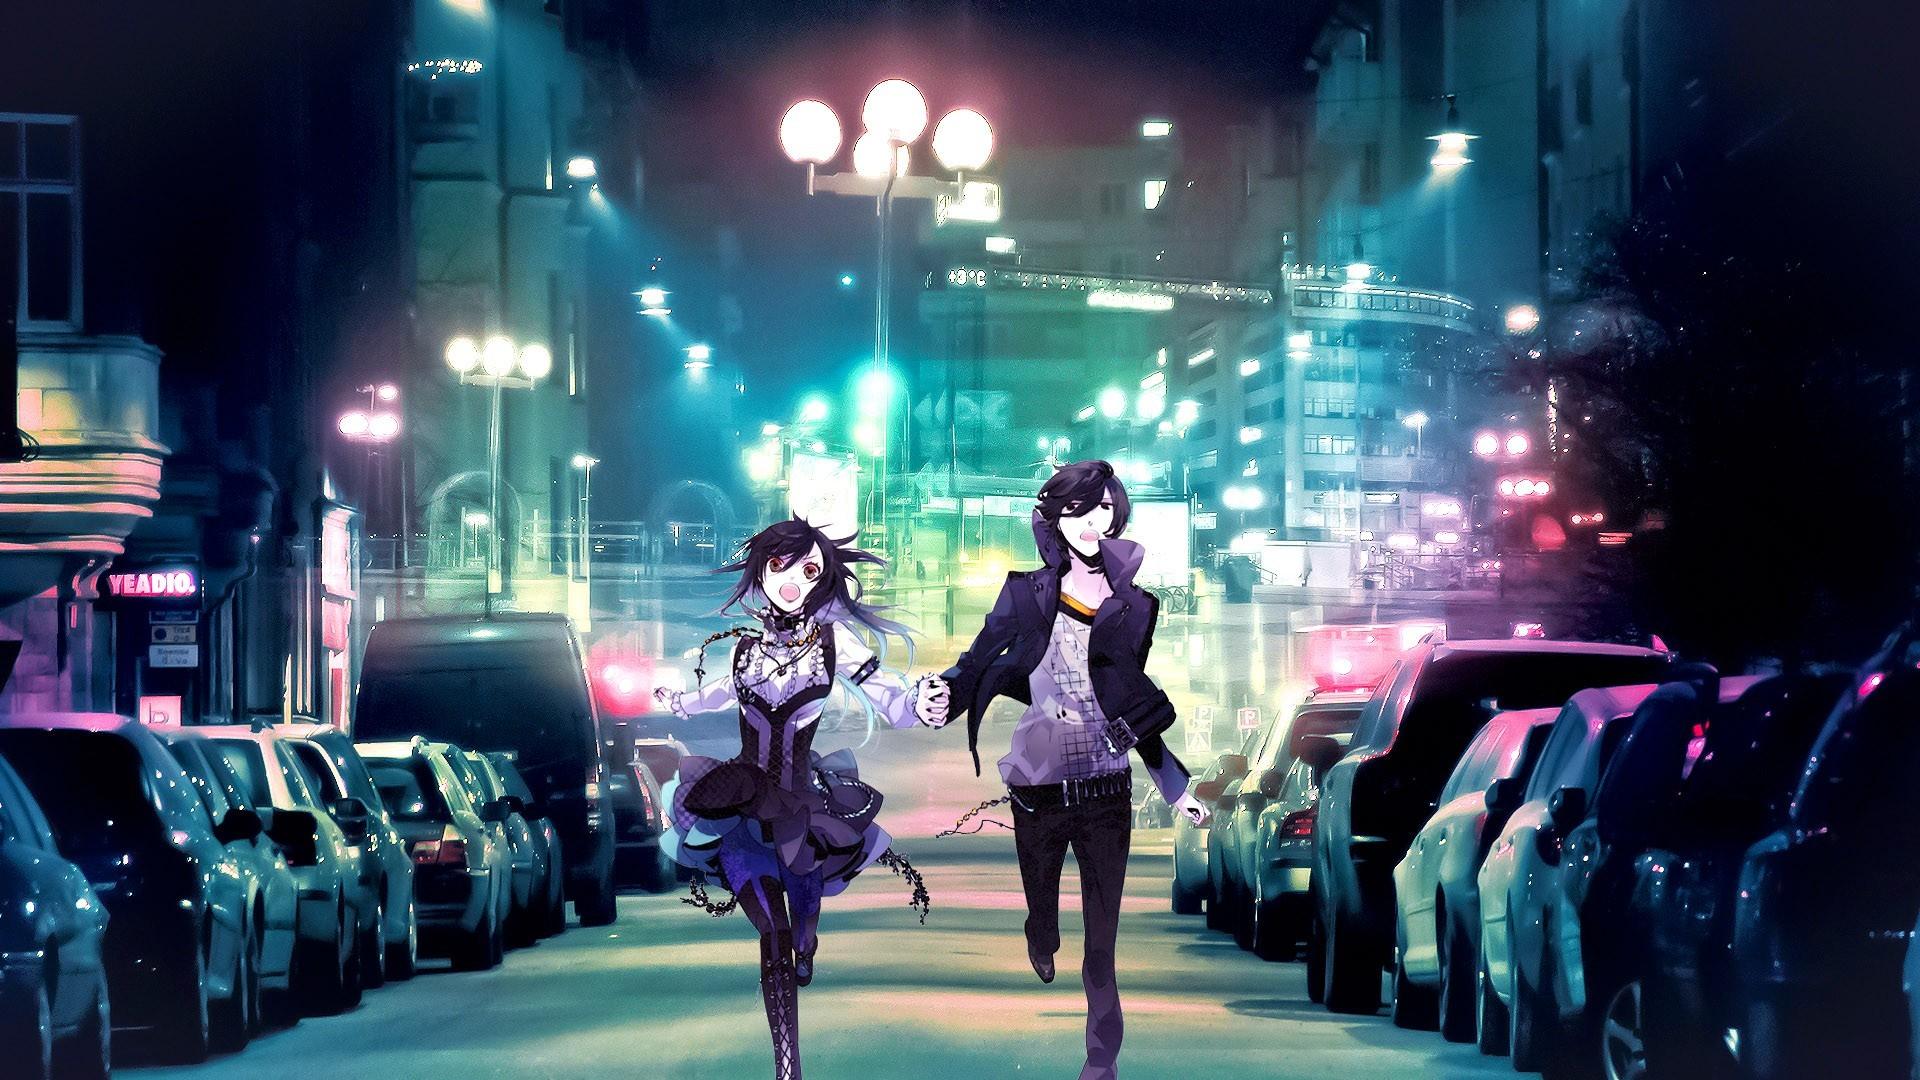 Download Anime Wallpaper HD 20219 Wallpaper WallpapersTubecom 1920x1080